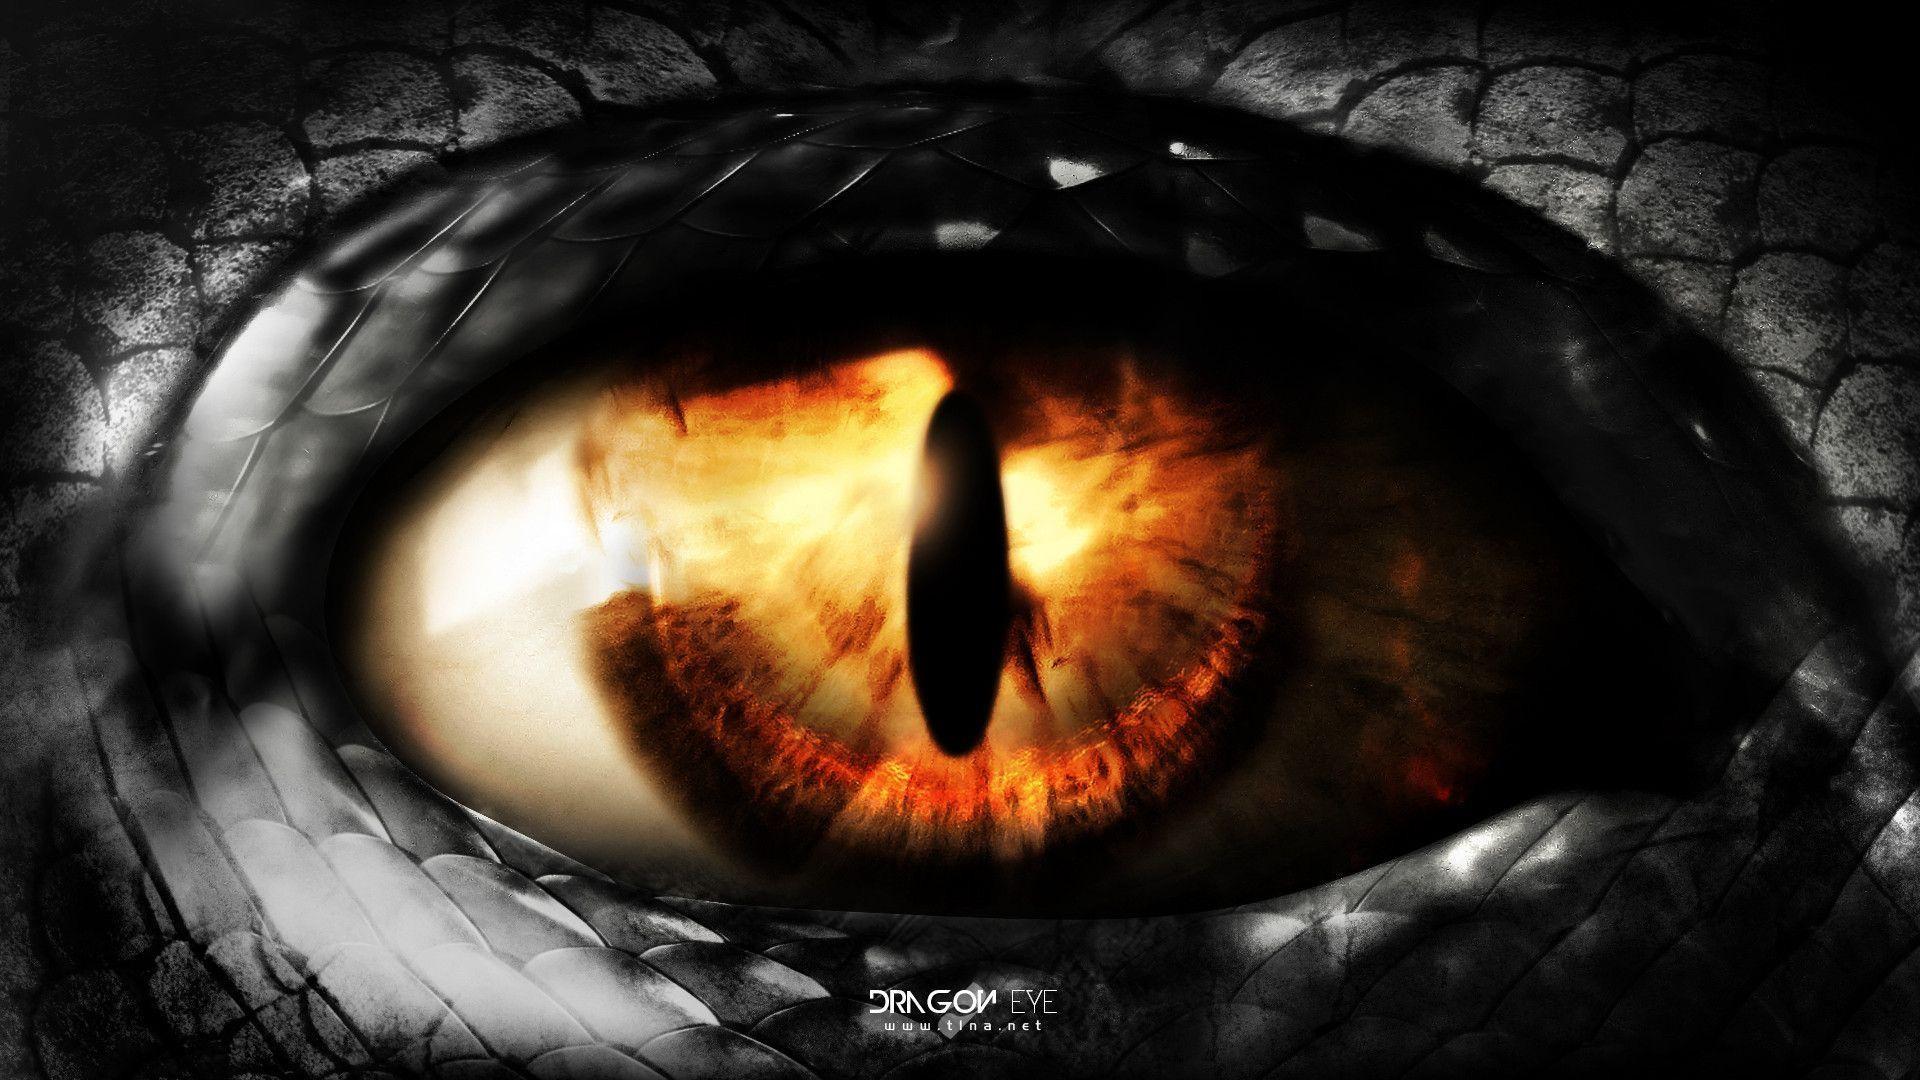 Res: 1920x1080, dragon eye wallpaper